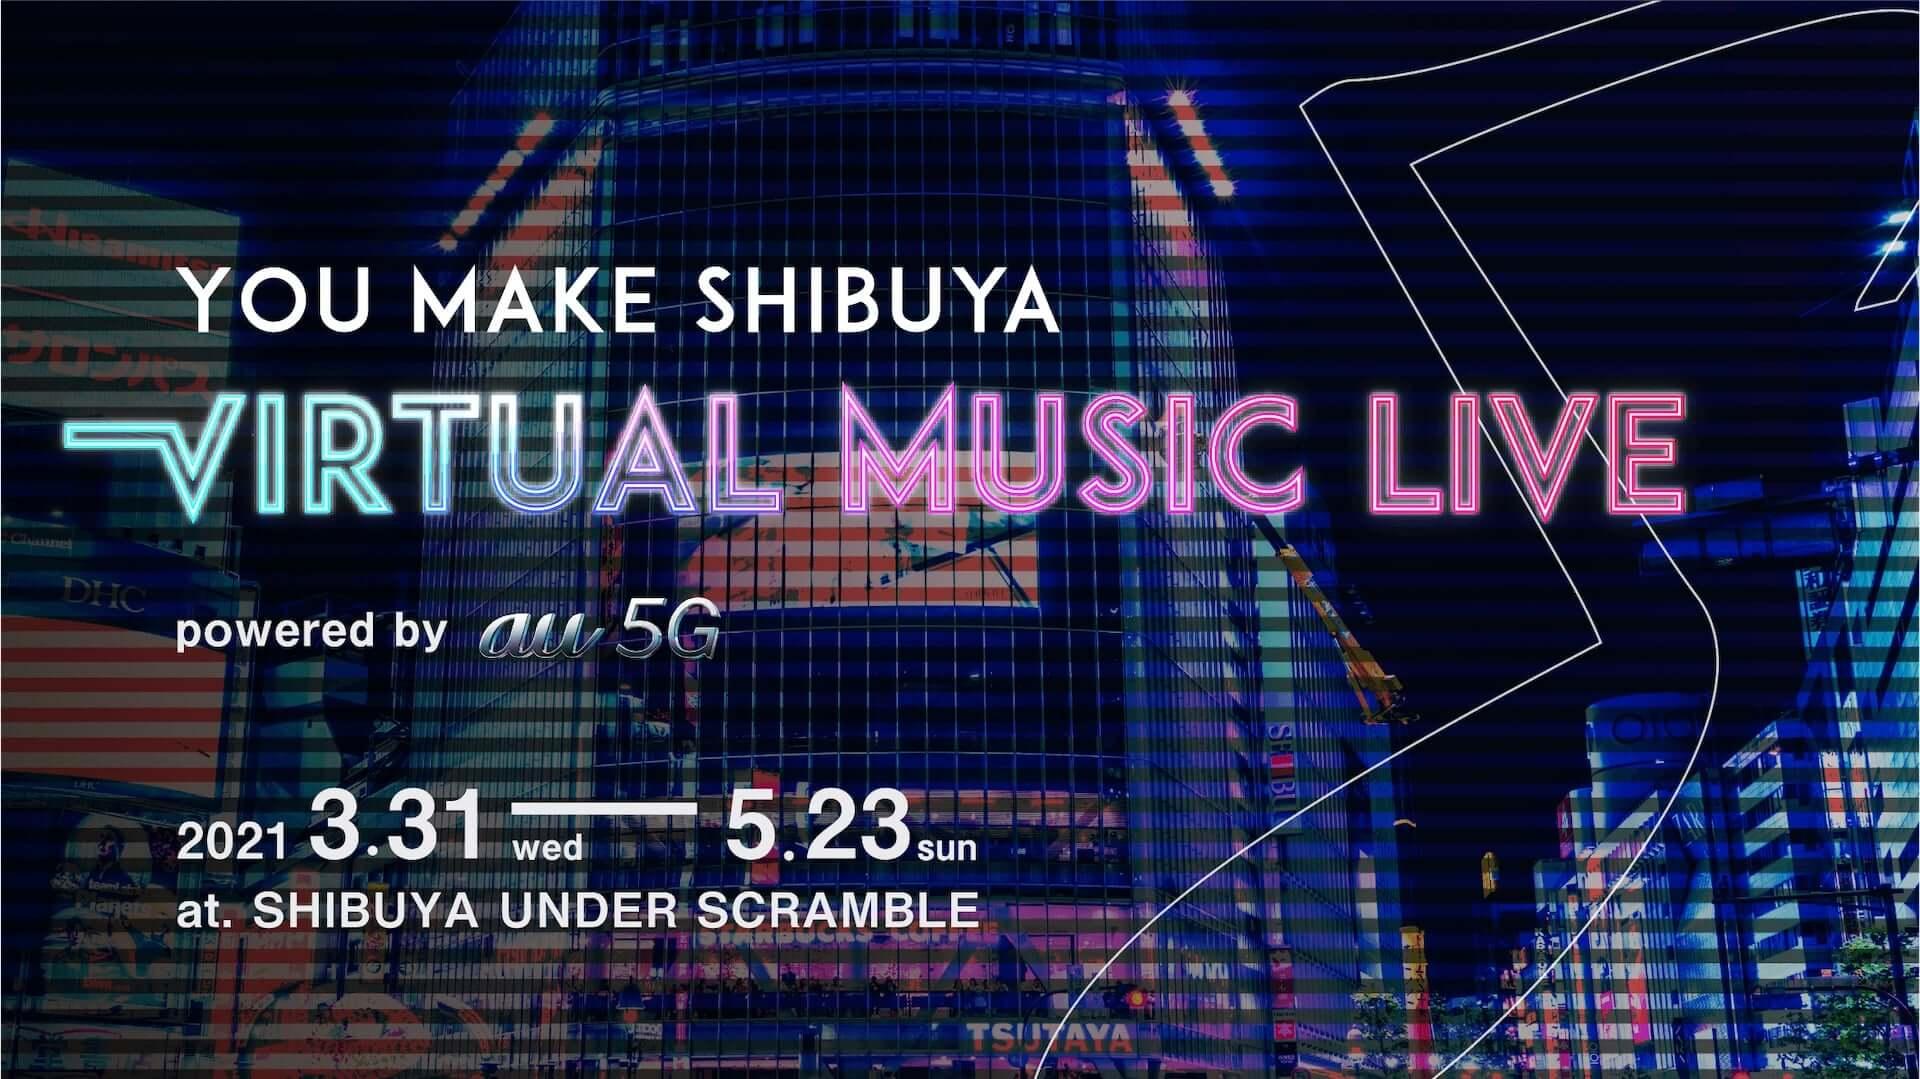 バーチャル渋谷にライブハウスが誕生!ザ・チャレンジ、Wez Atlas、sooogood!ら100組が出演するライブイベントが開催決定 music210326_virtualshibuya_1-1920x1079